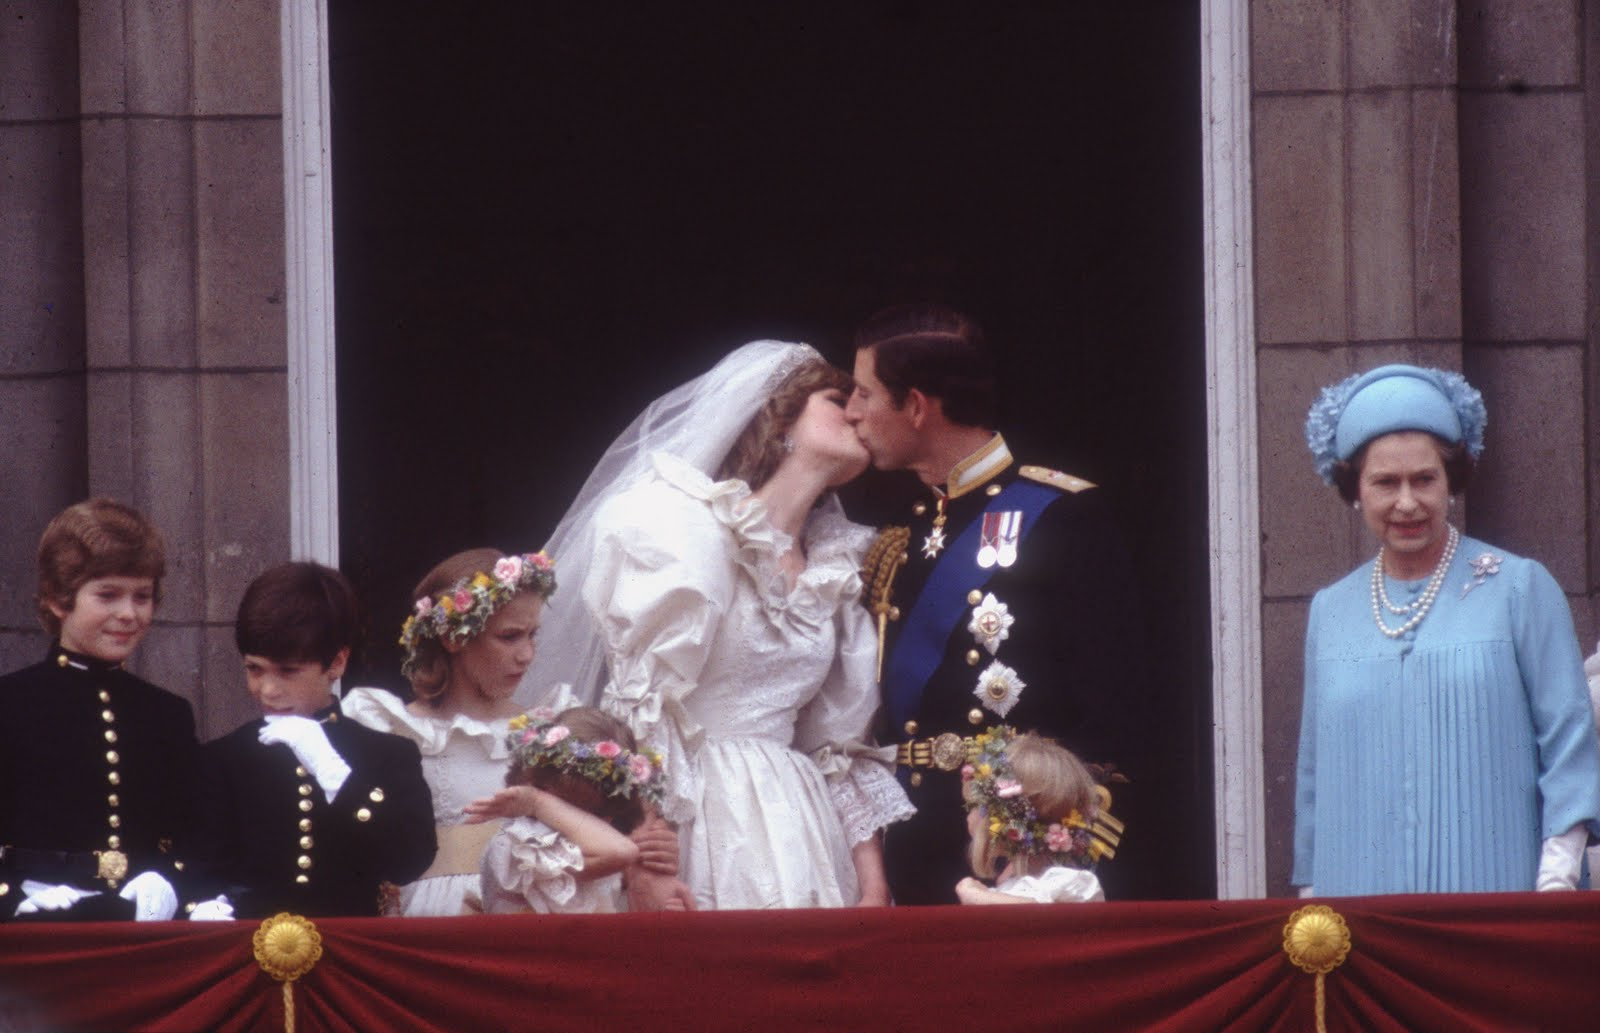 http://3.bp.blogspot.com/-38Et3lW1tq0/TbX6pmdAm0I/AAAAAAAABAM/mtCO0kGA8ec/s1600/1981-Charles-Diana-balcony-kiss-3239373.jpg